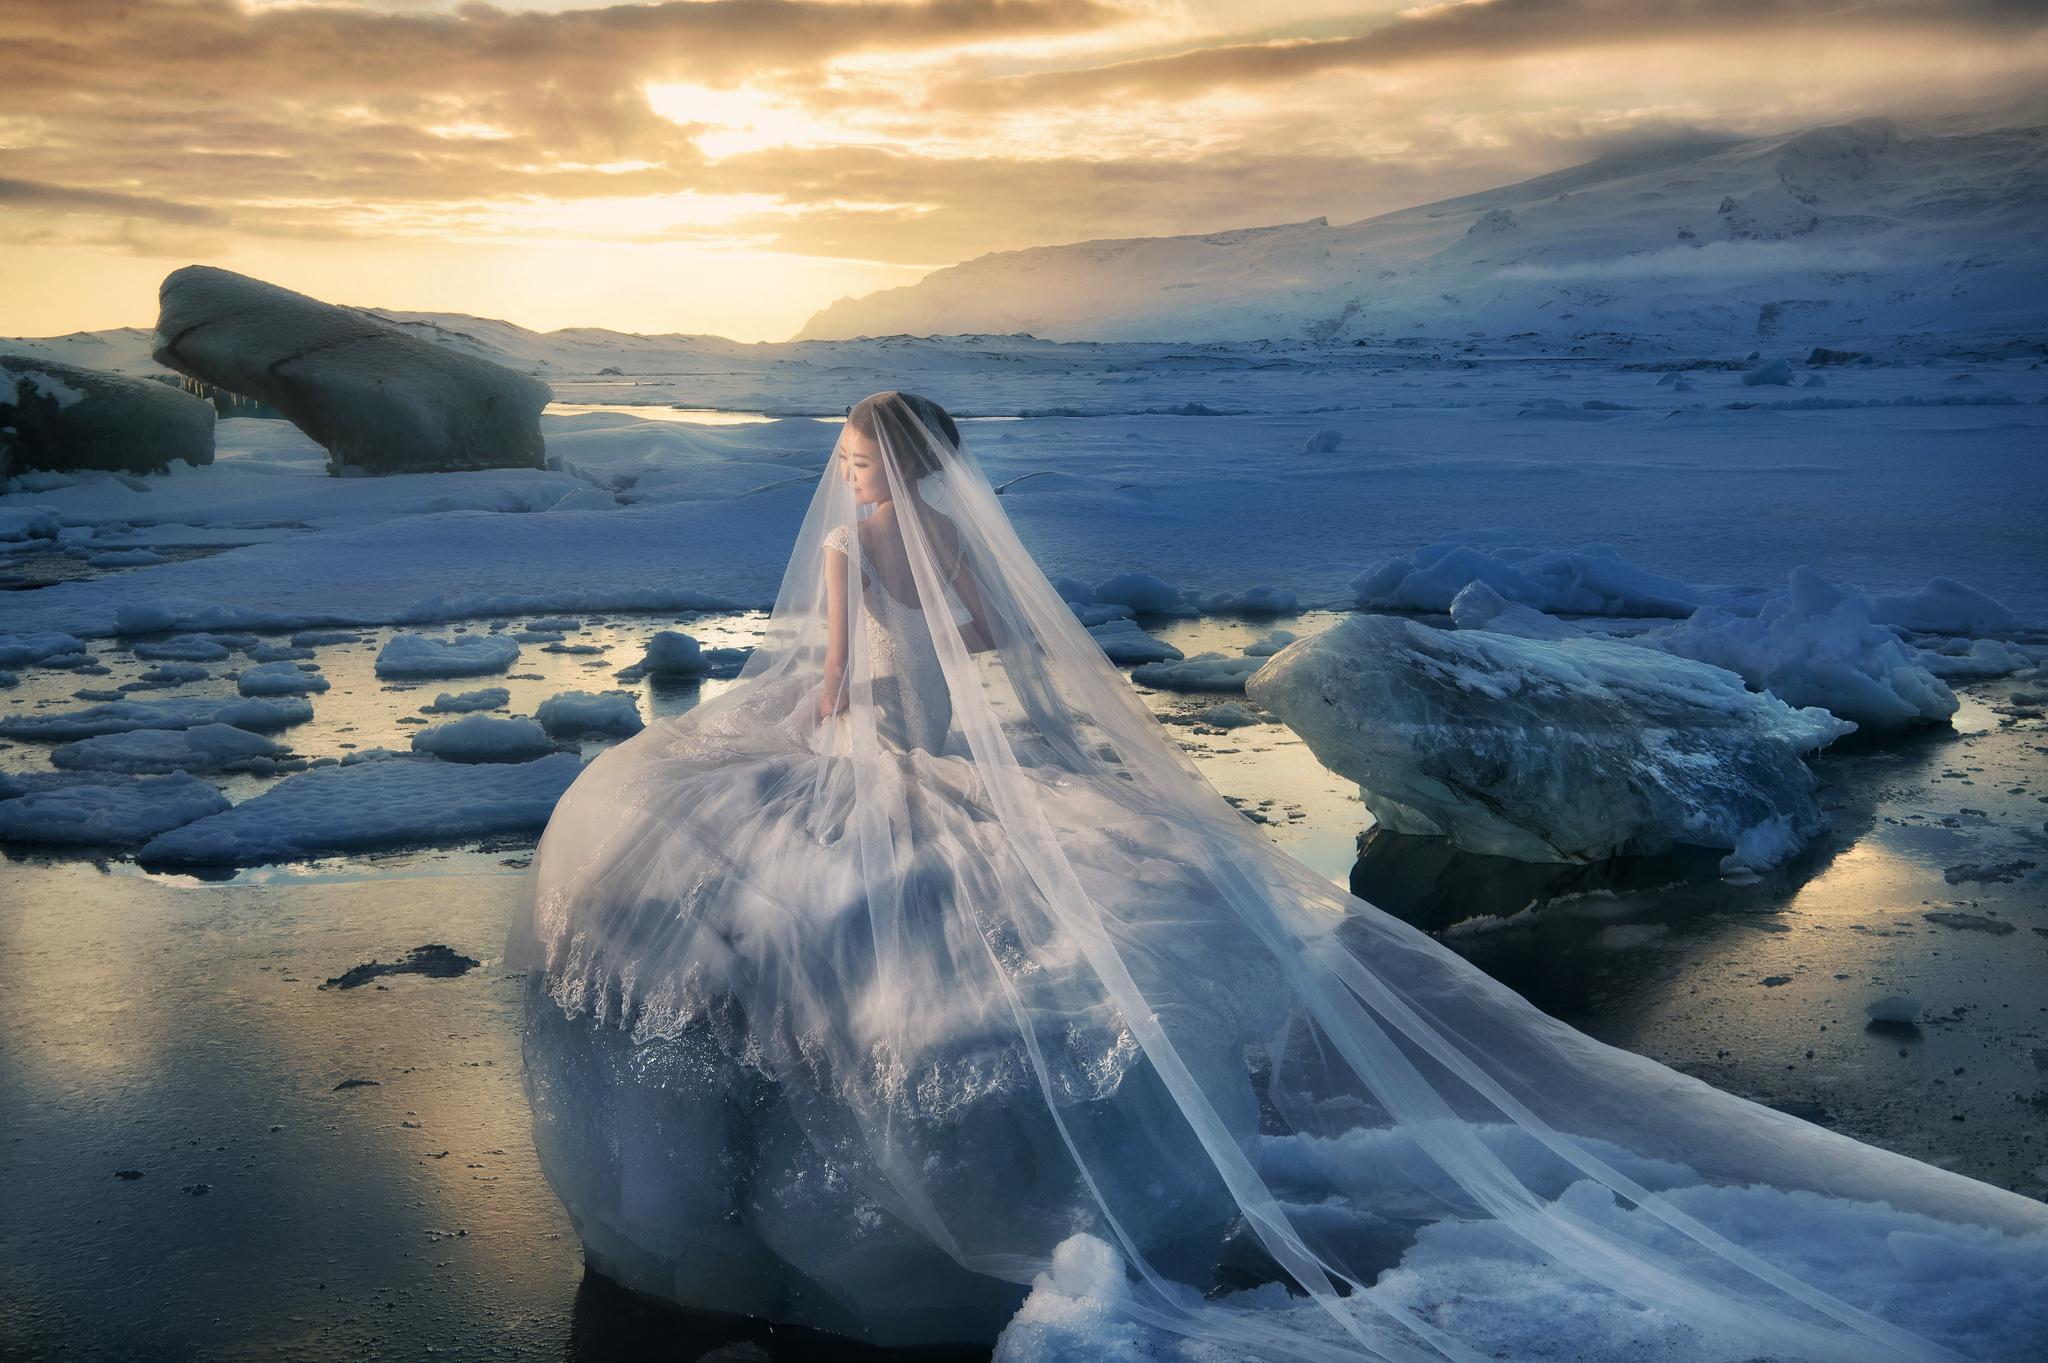 冰島婚紗攻略, 冰島婚紗, Donfer, Iceland Pre-Wedding, Jökulsárlón, 冰河湖